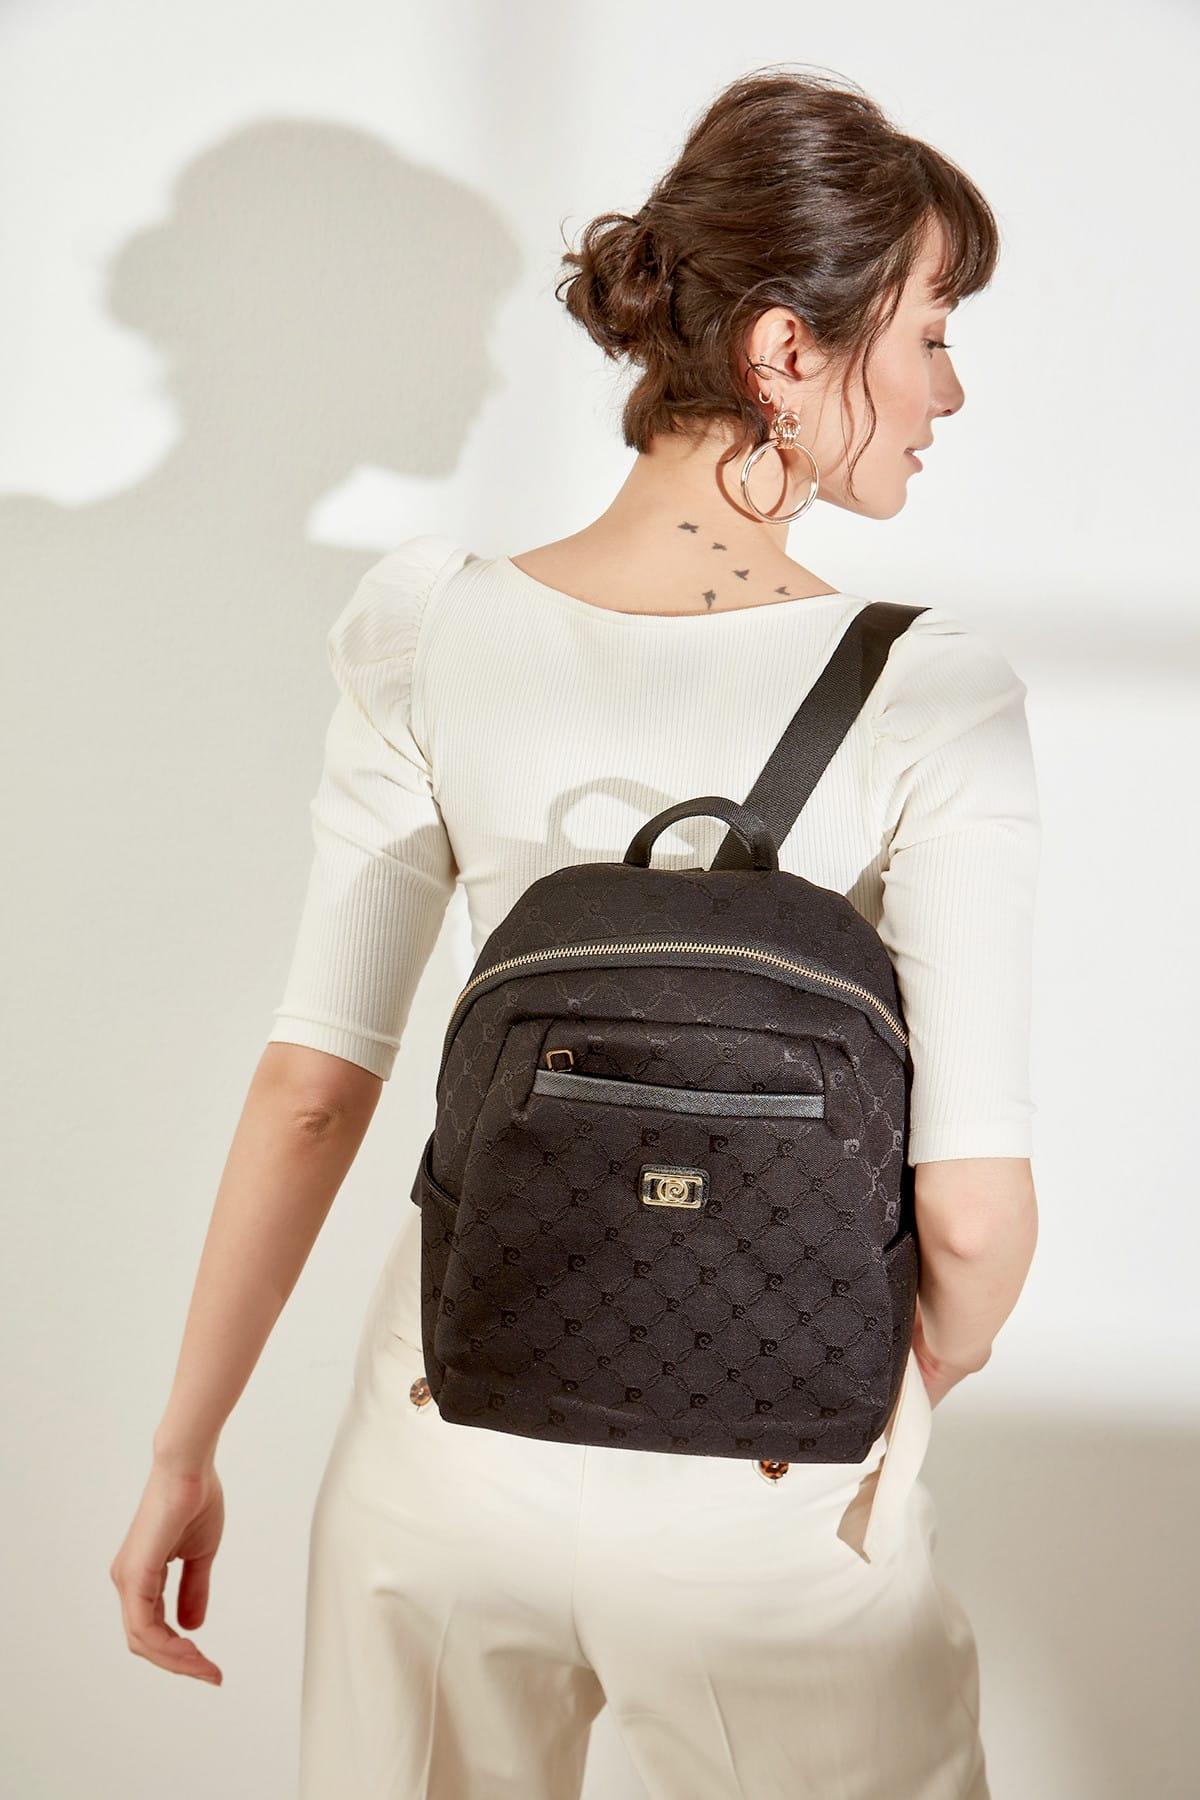 Черный рюкзак 05 PO16K1184, женская сумка, женский рюкзак, женская сумка, женская кожаная сумка для покупок